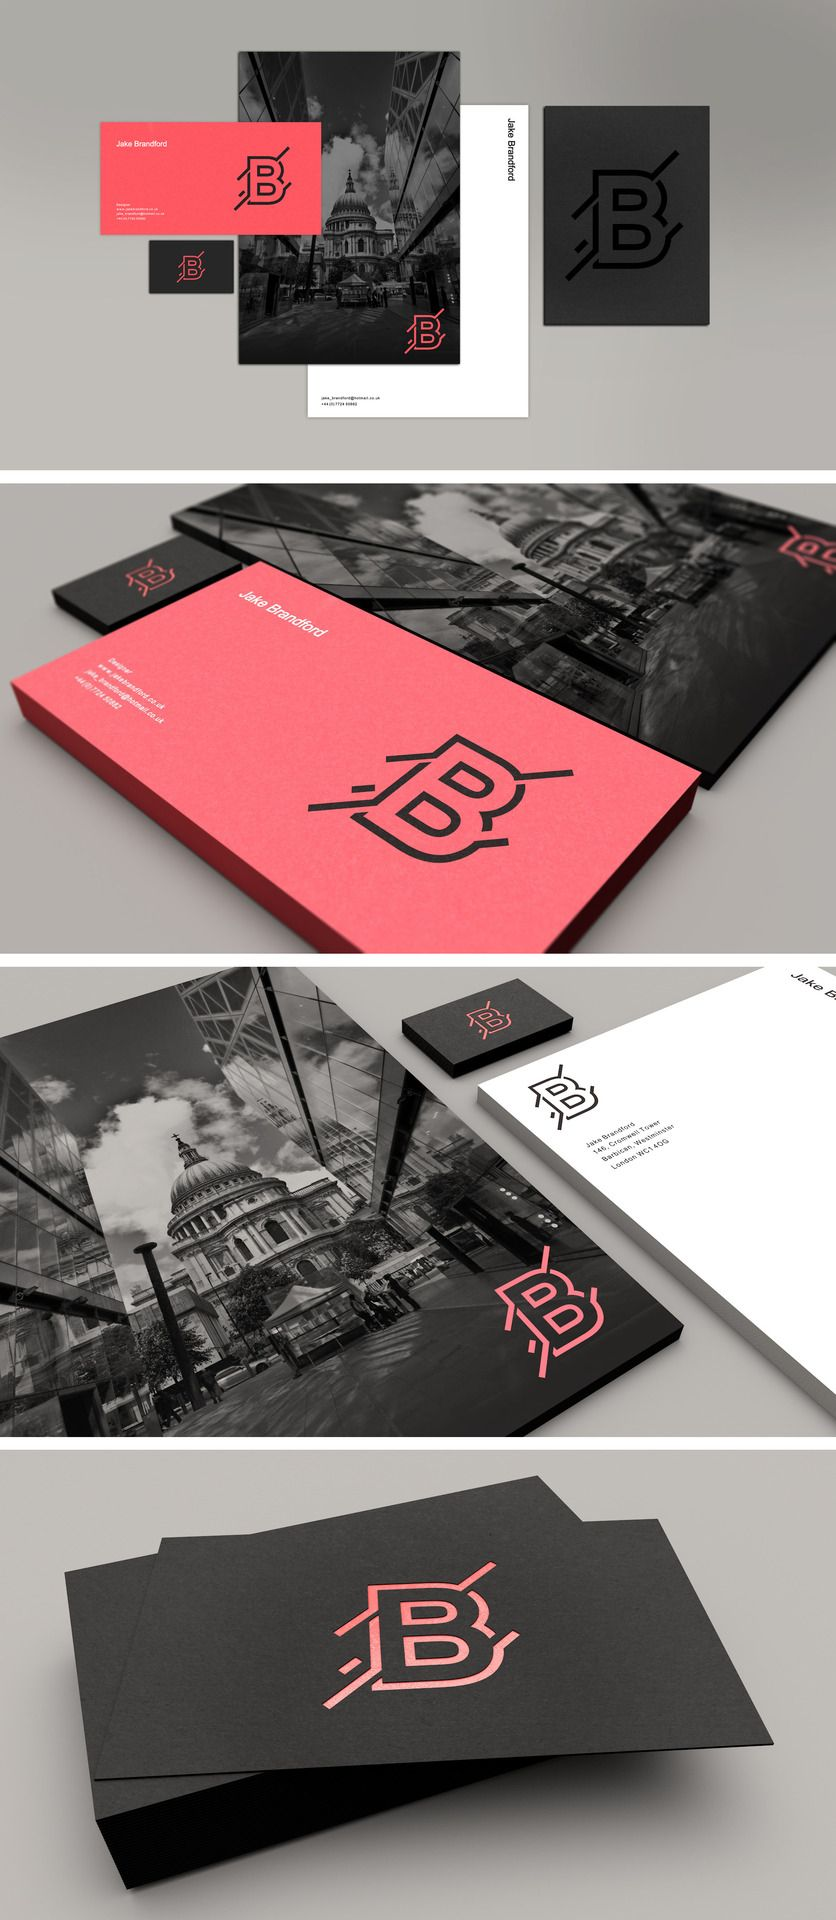 Idee Visitenkarte Mit Doppelpapier Einmal Gestanzt Schwarz